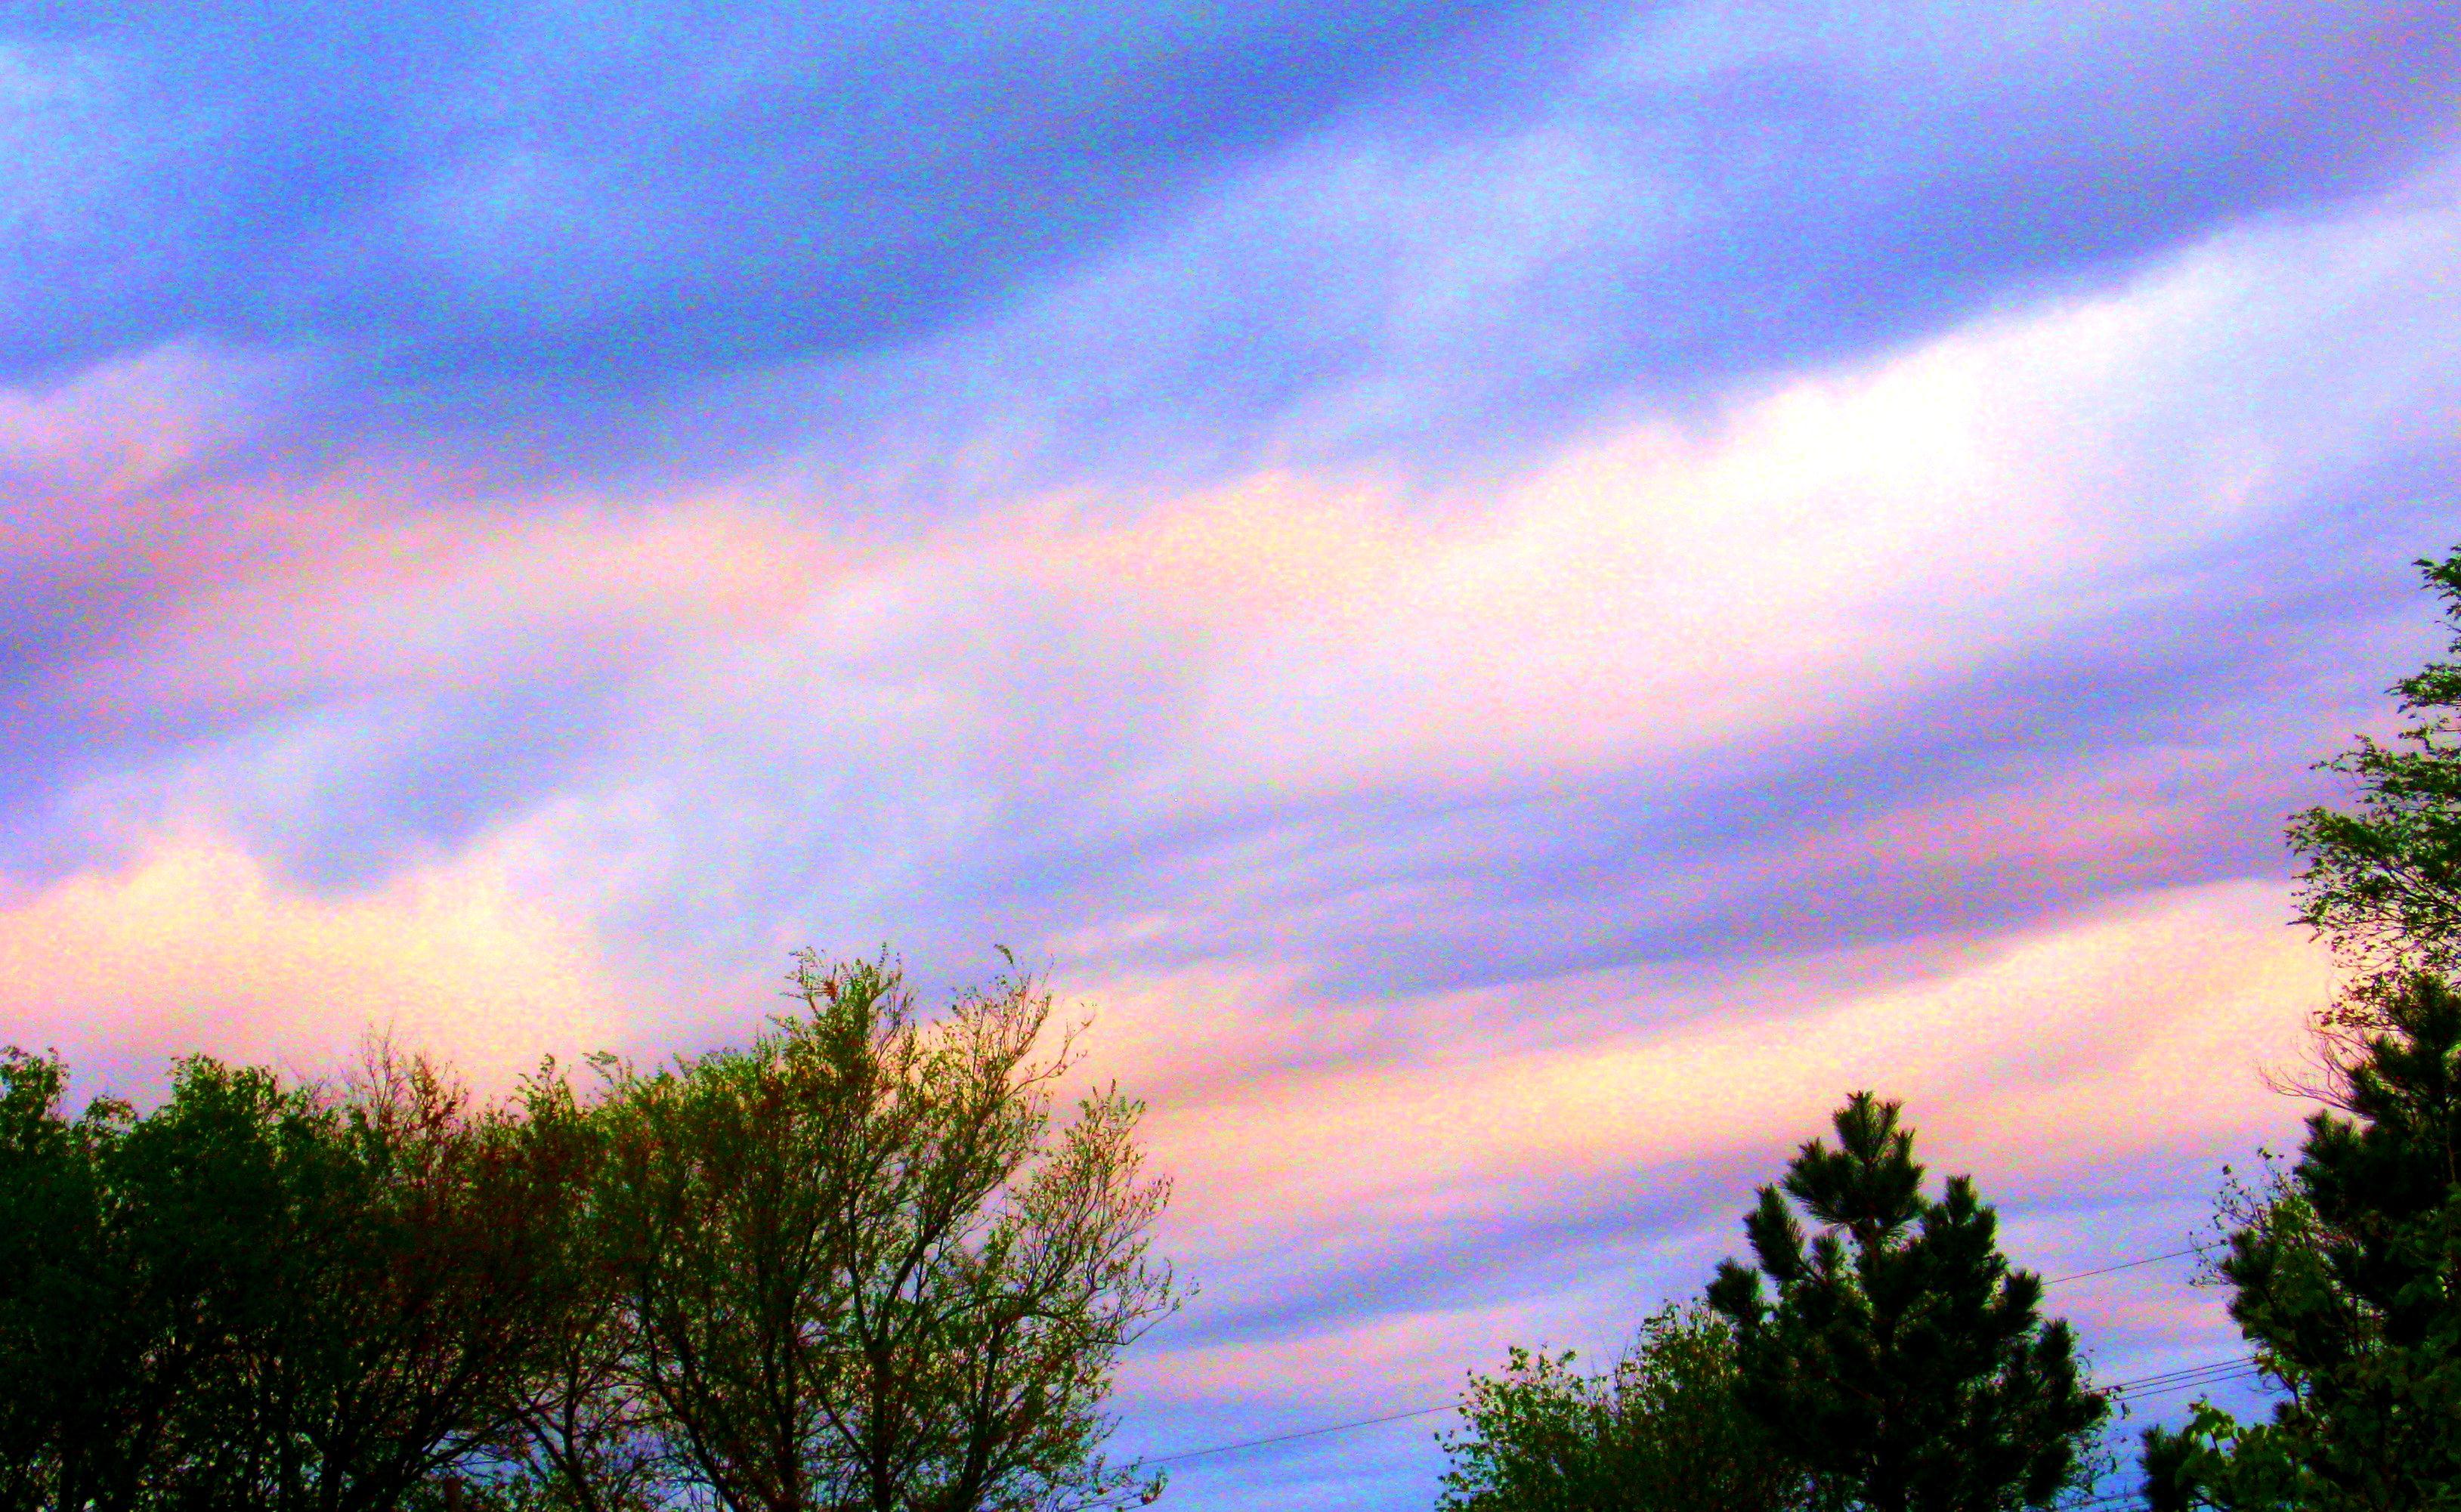 Kansas Sky and NaNoWri Update   Pat Bean's blog